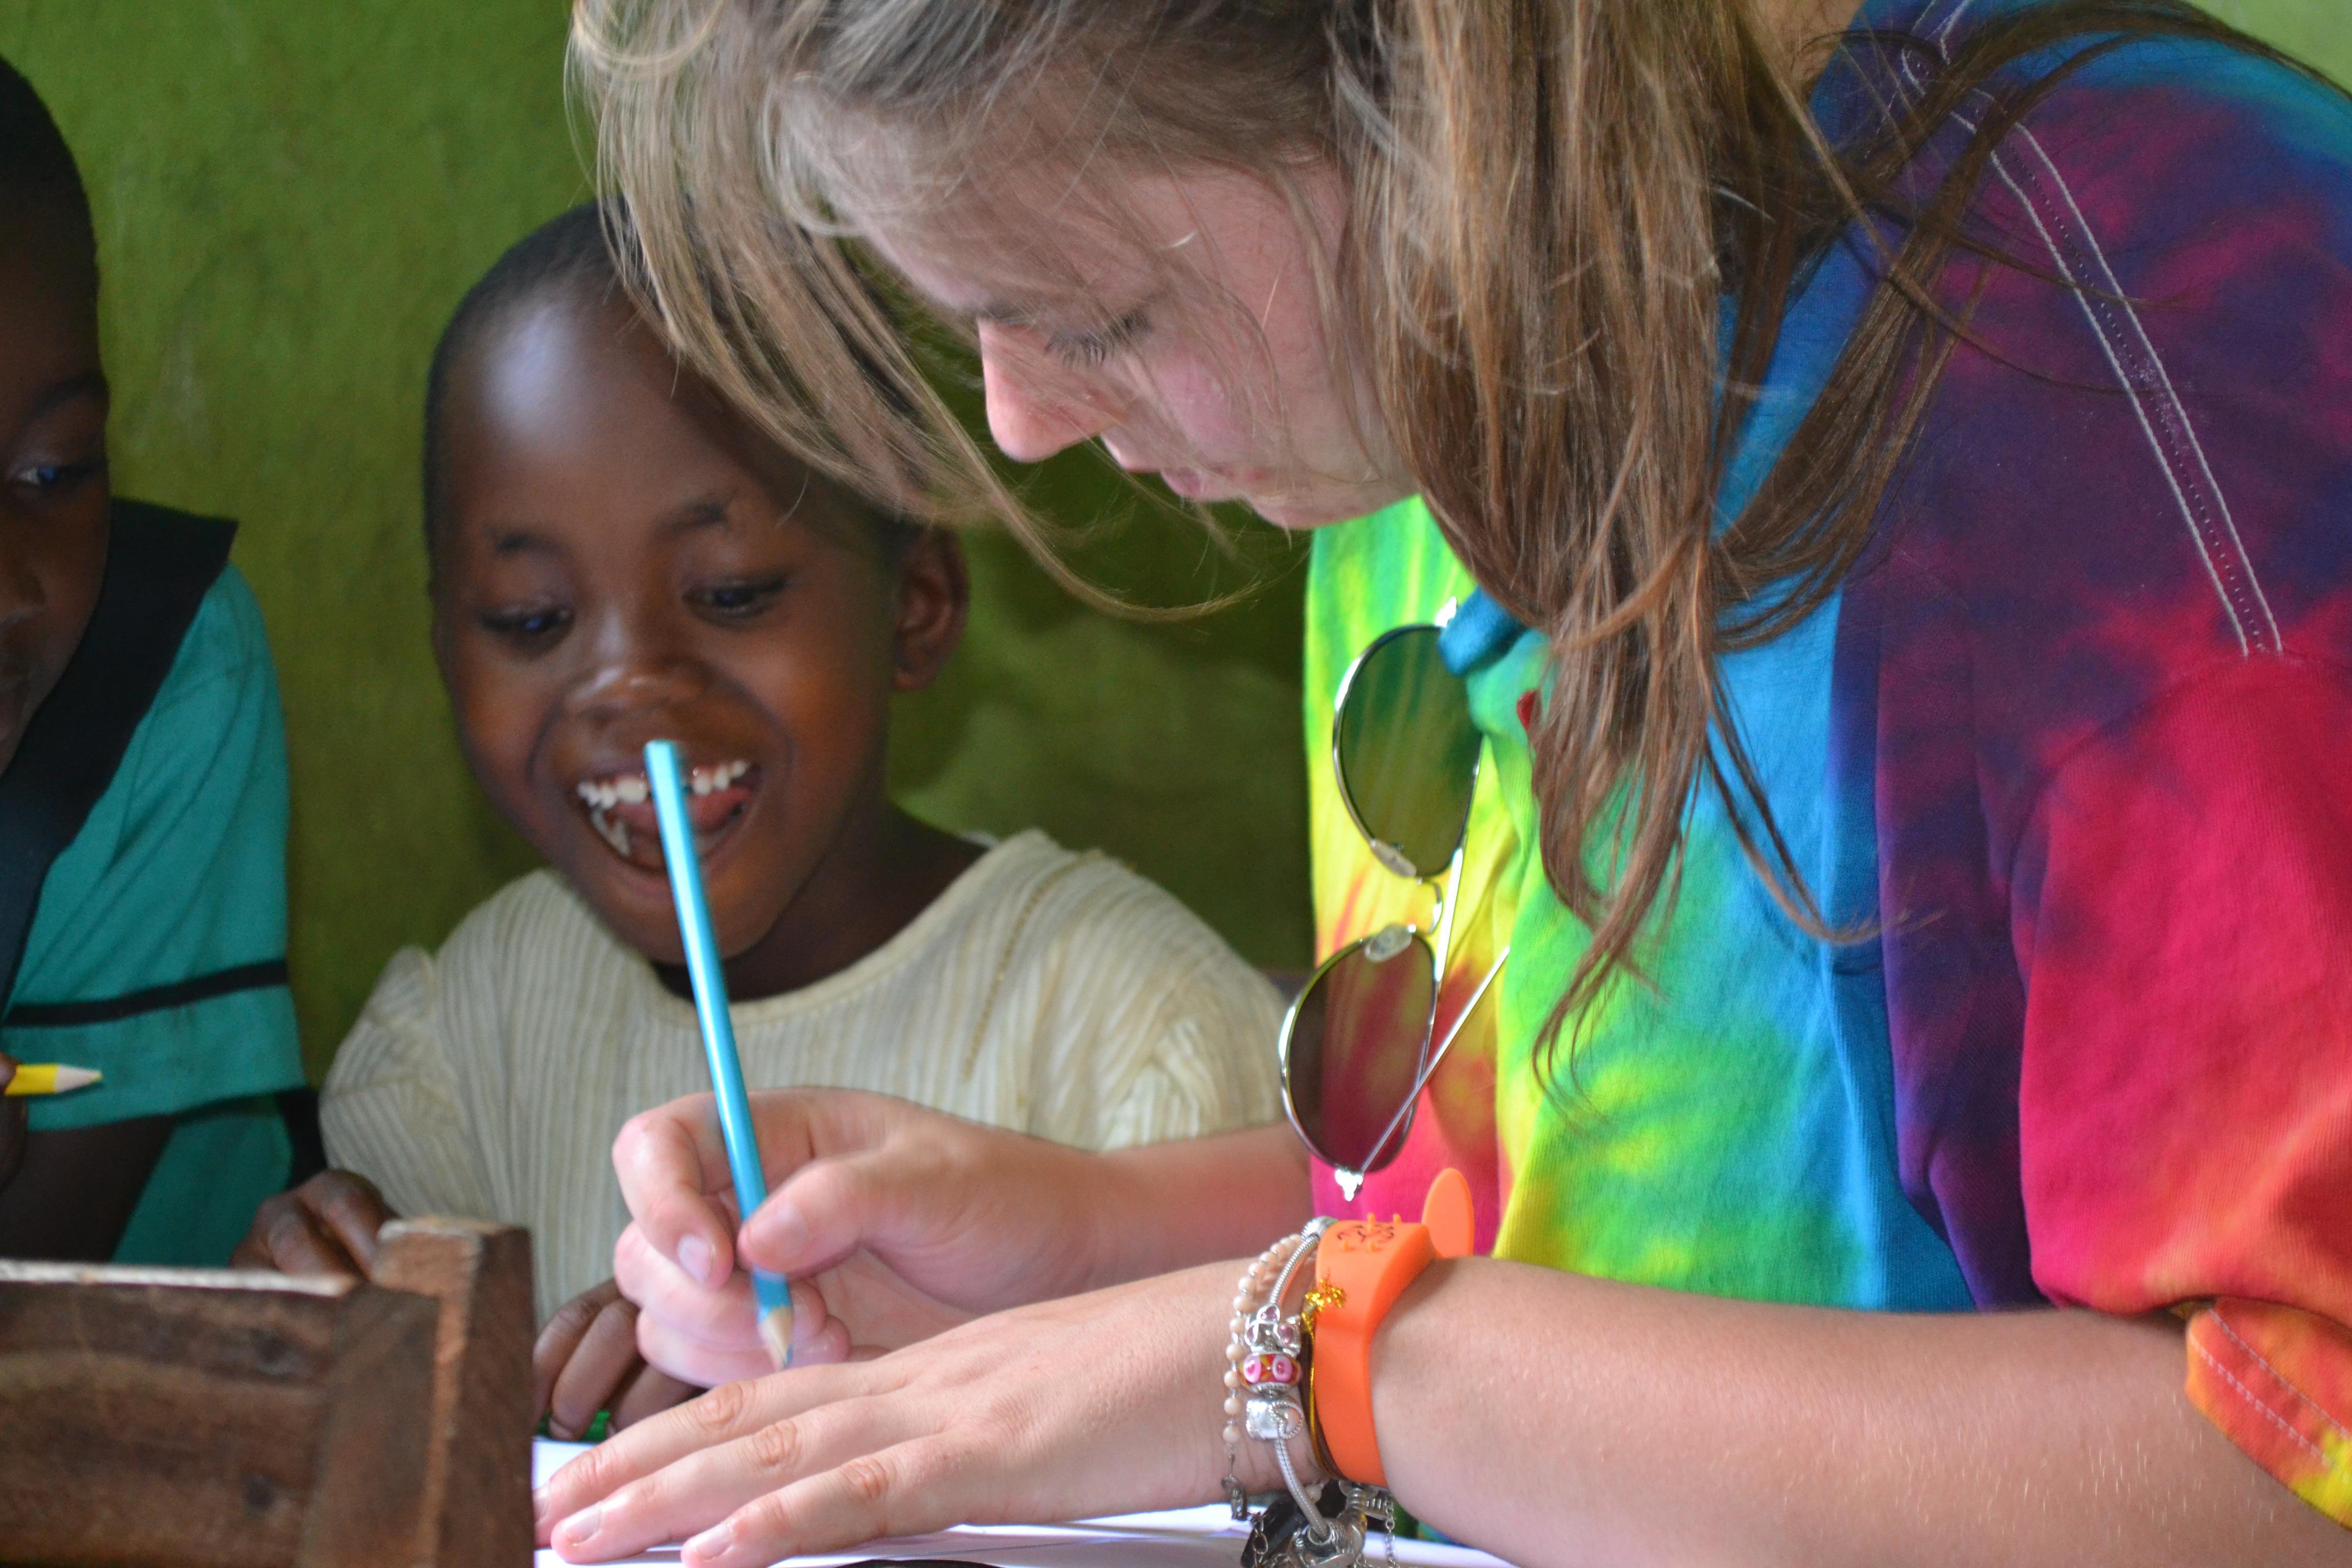 Voluntaria le explica una actividad en inglés a un estudiante como parte de su trabajo voluntario con niños en Ghana.